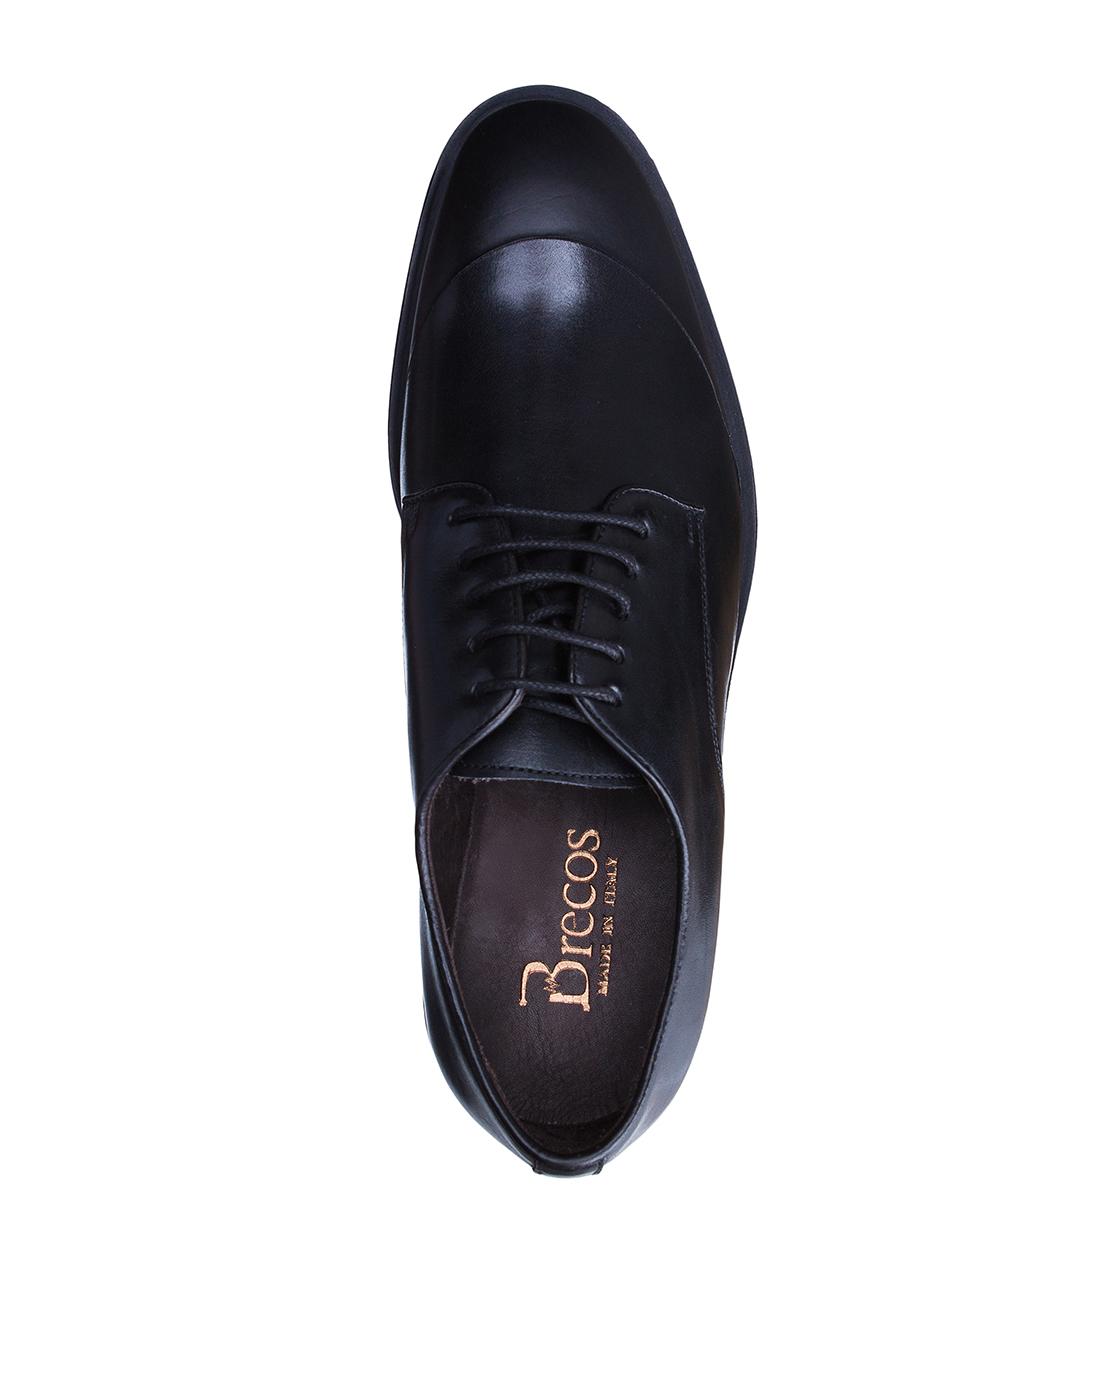 Туфли черные мужские Brecos S8192-5